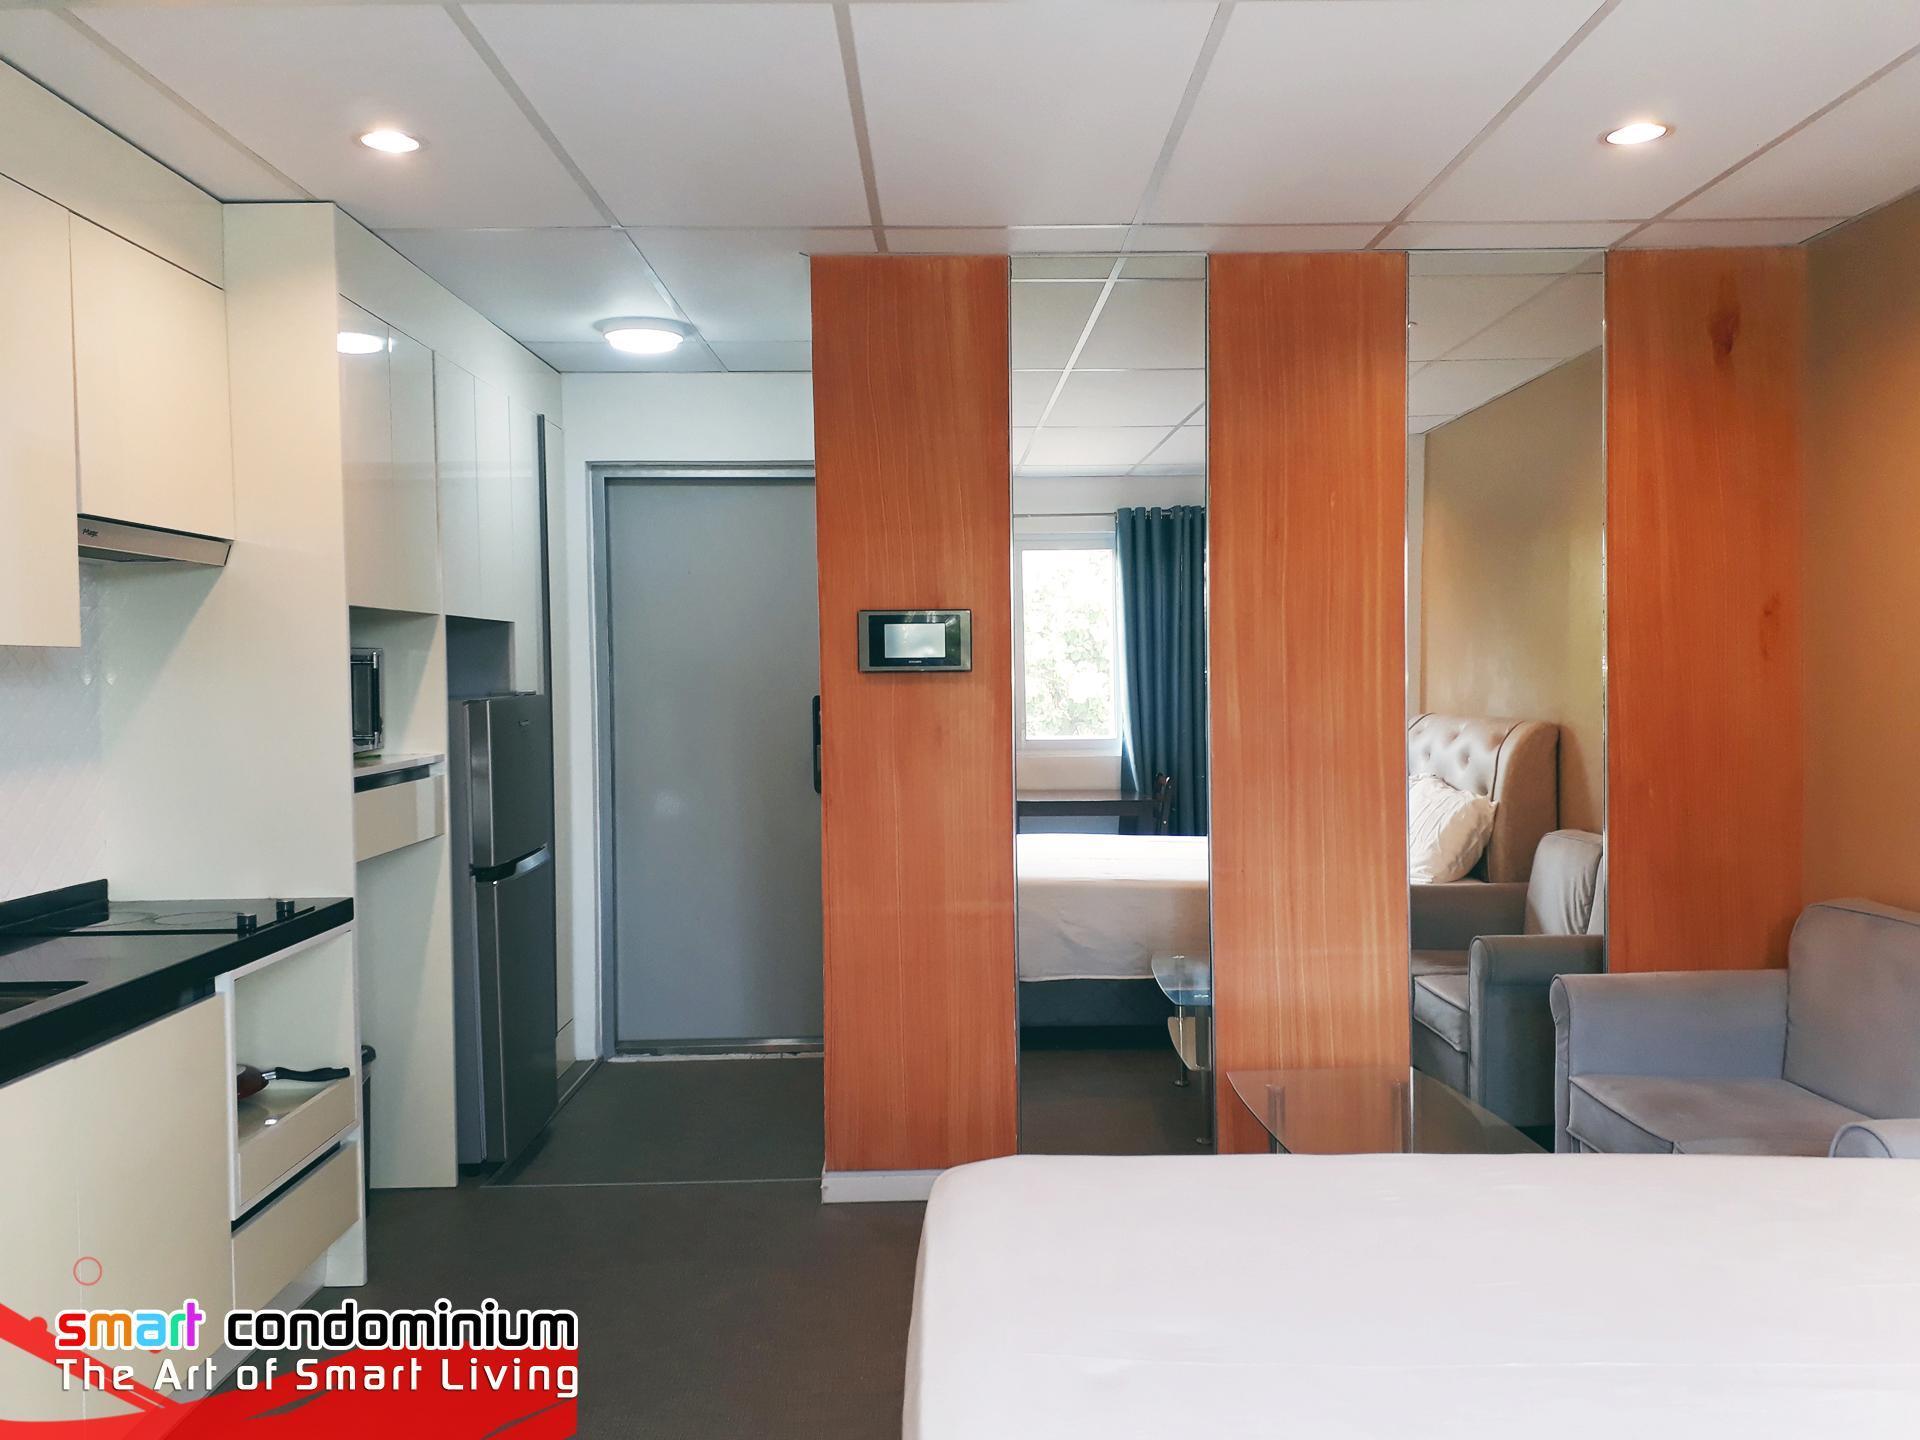 Smart Condominium   Studio 1   Cagayan De Oro